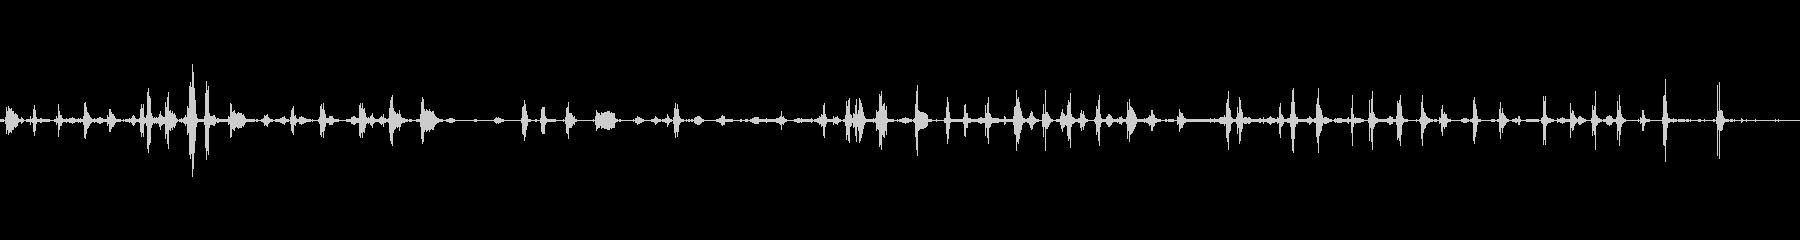 豚イノシシのうなり声の未再生の波形